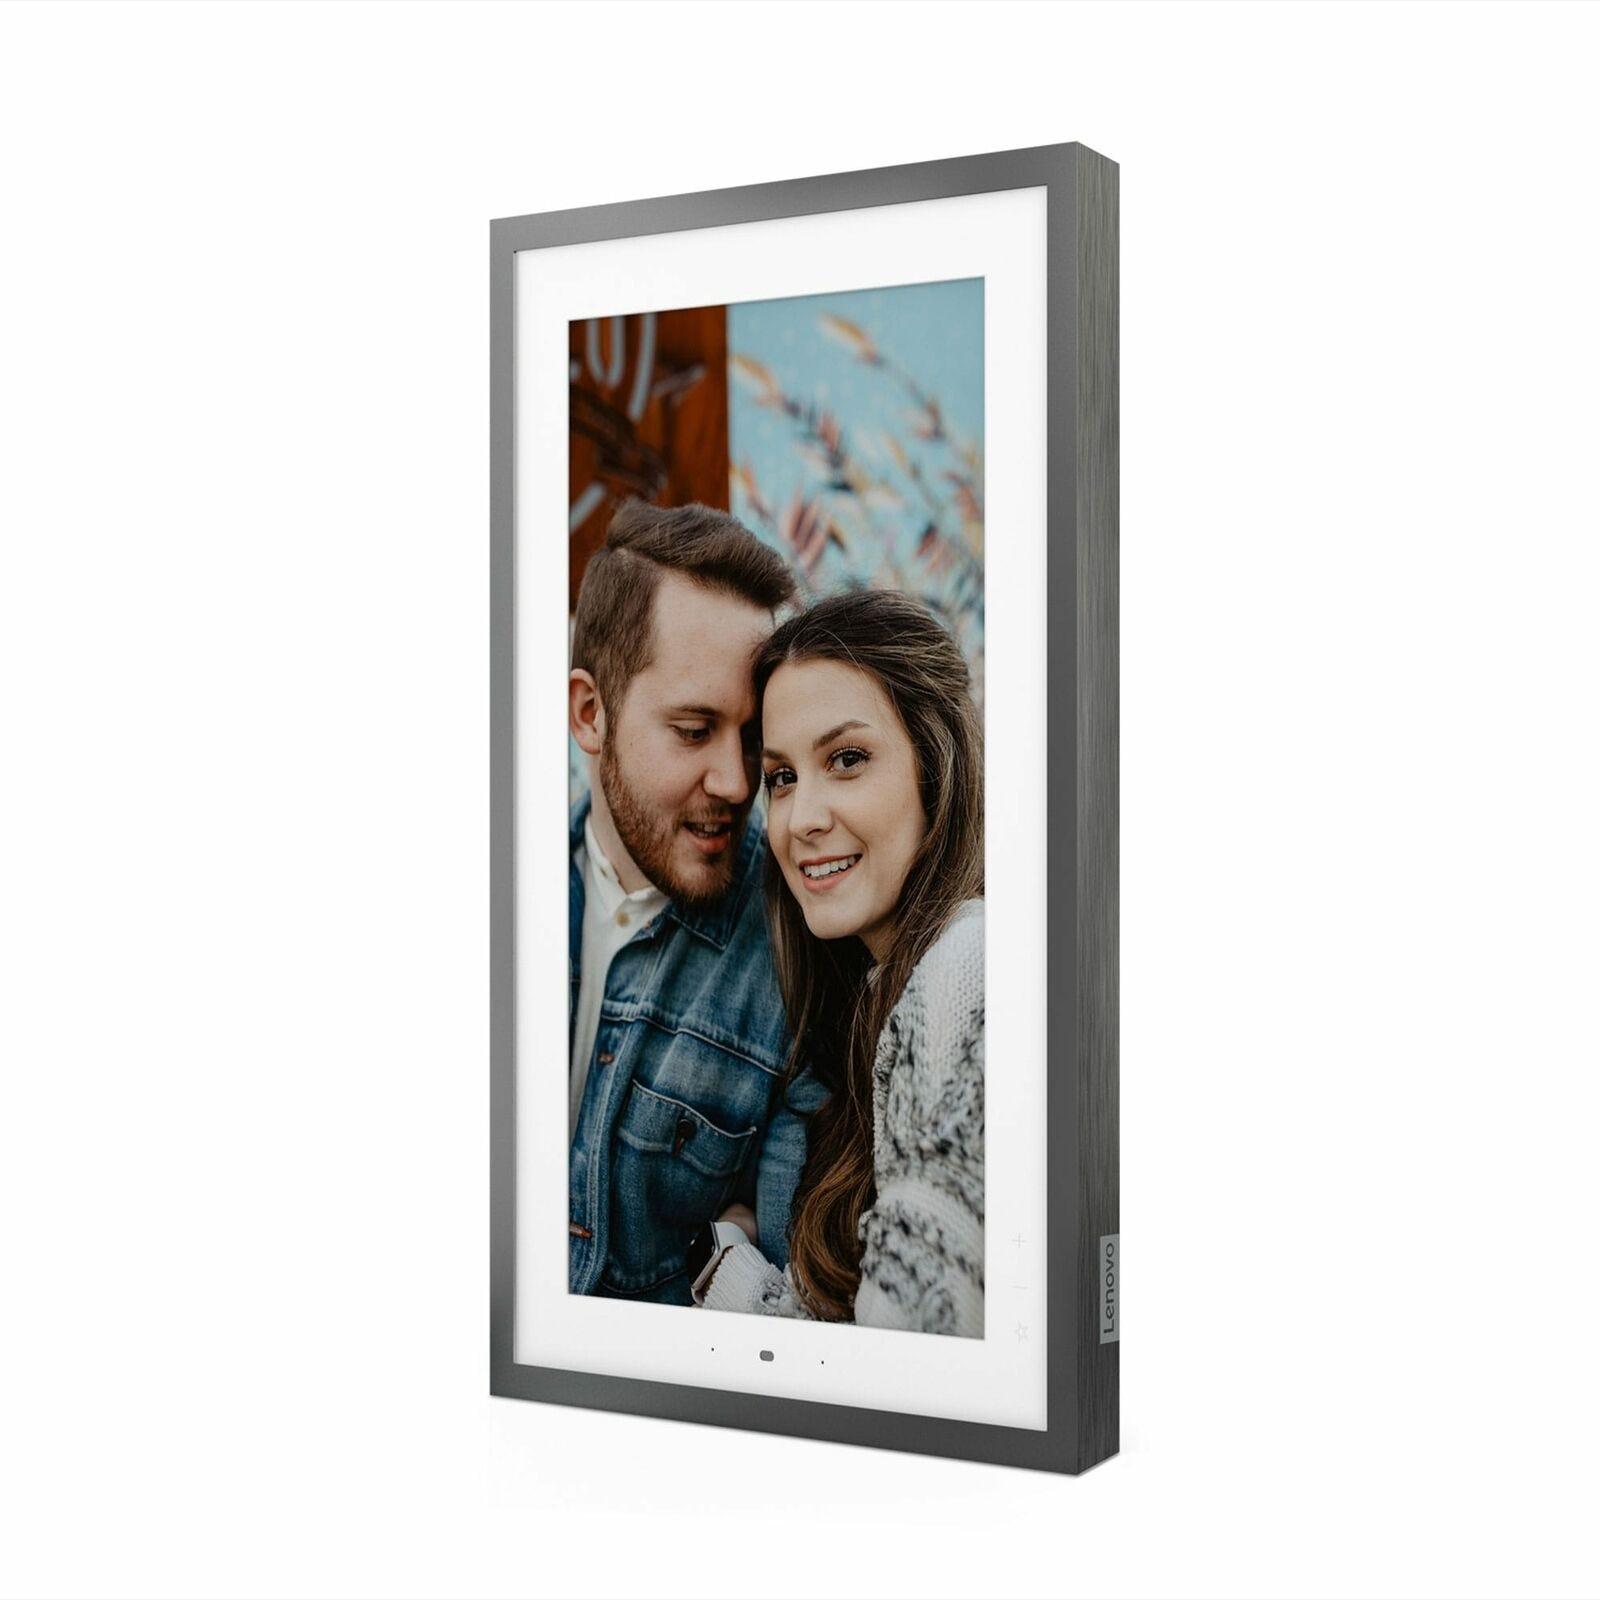 Lenovo Smart Frame 21.5-inch